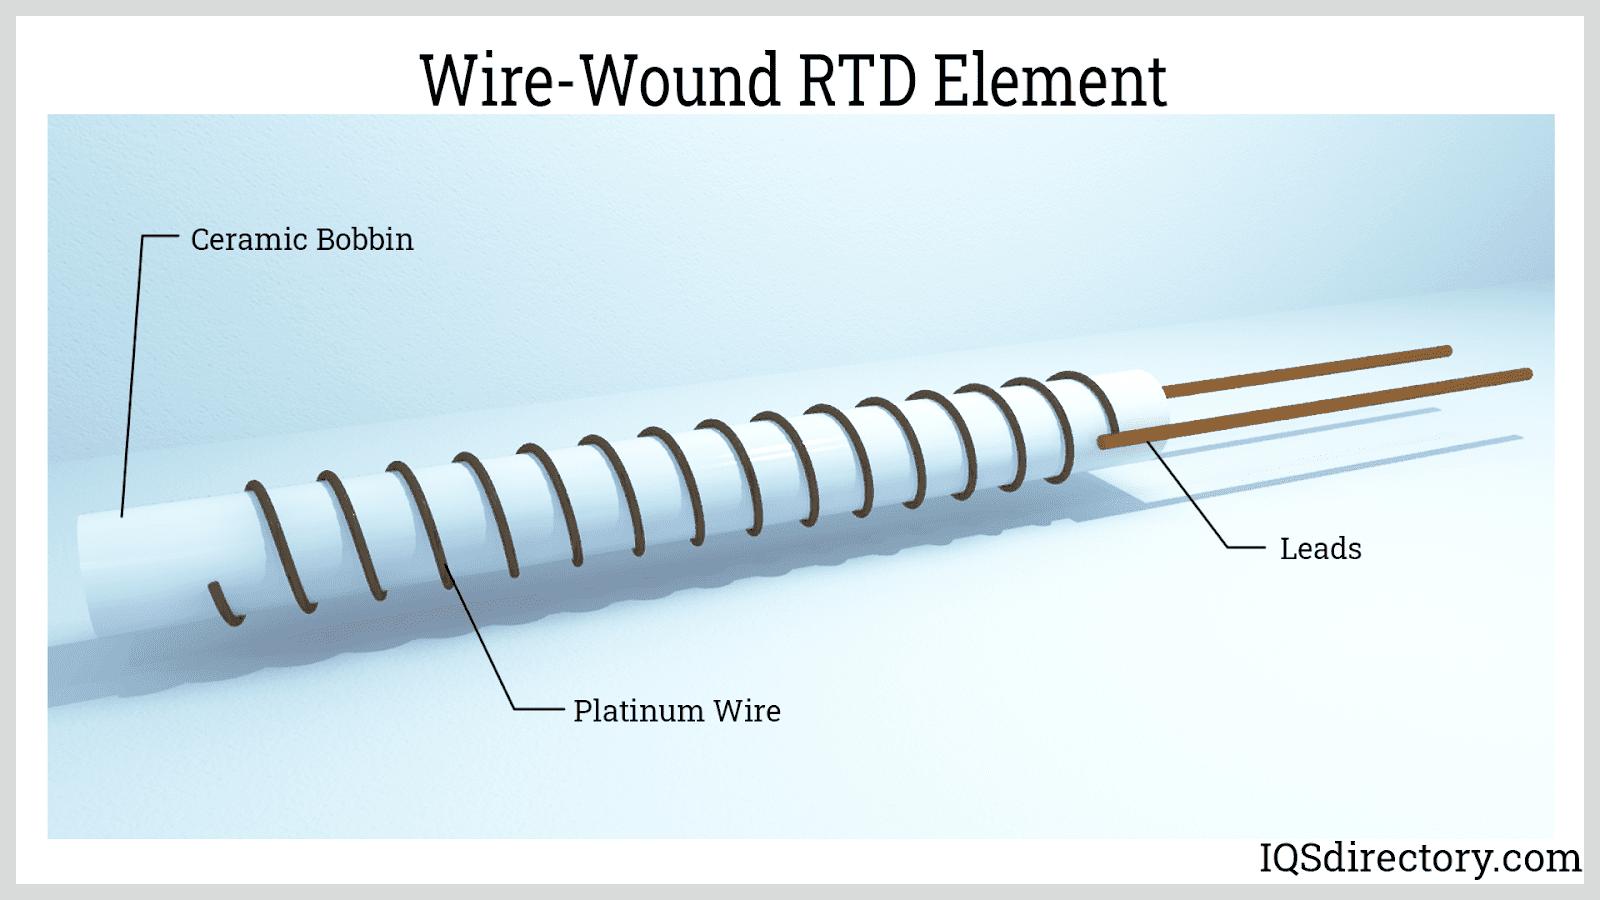 Wire-Wound RTD Element